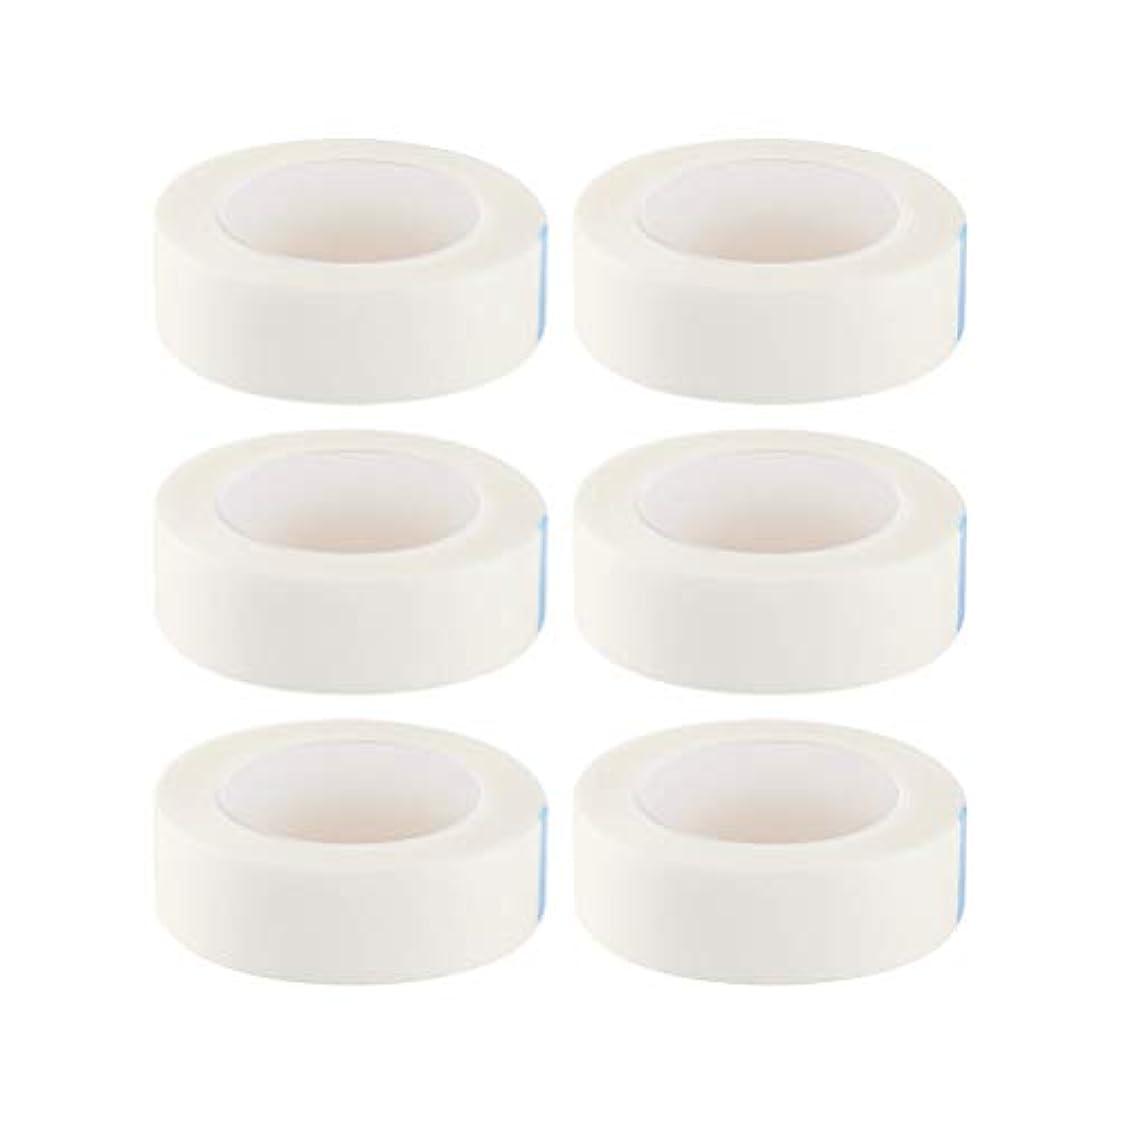 虹機転わずかにHEALIFTY まつげ絶縁テープまつげエクステサロン用ロール12個入り(白)